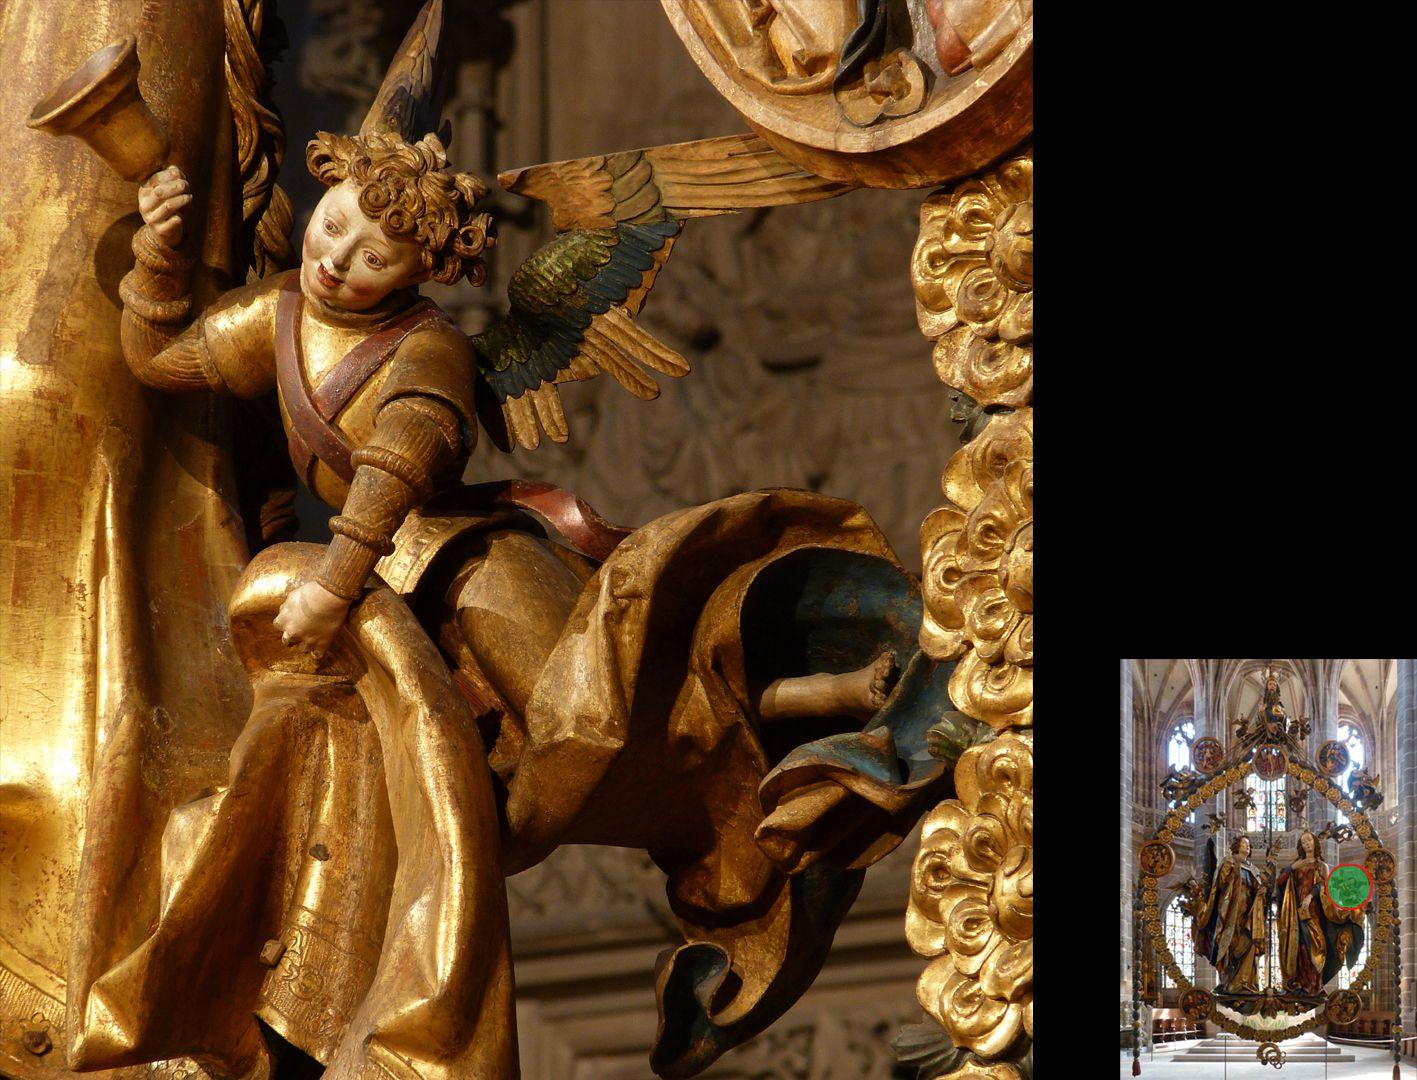 Englischer Gruß Engel mit Handglocke den Umhang Marias anhebend (unten rechts Detaillokalisierung)